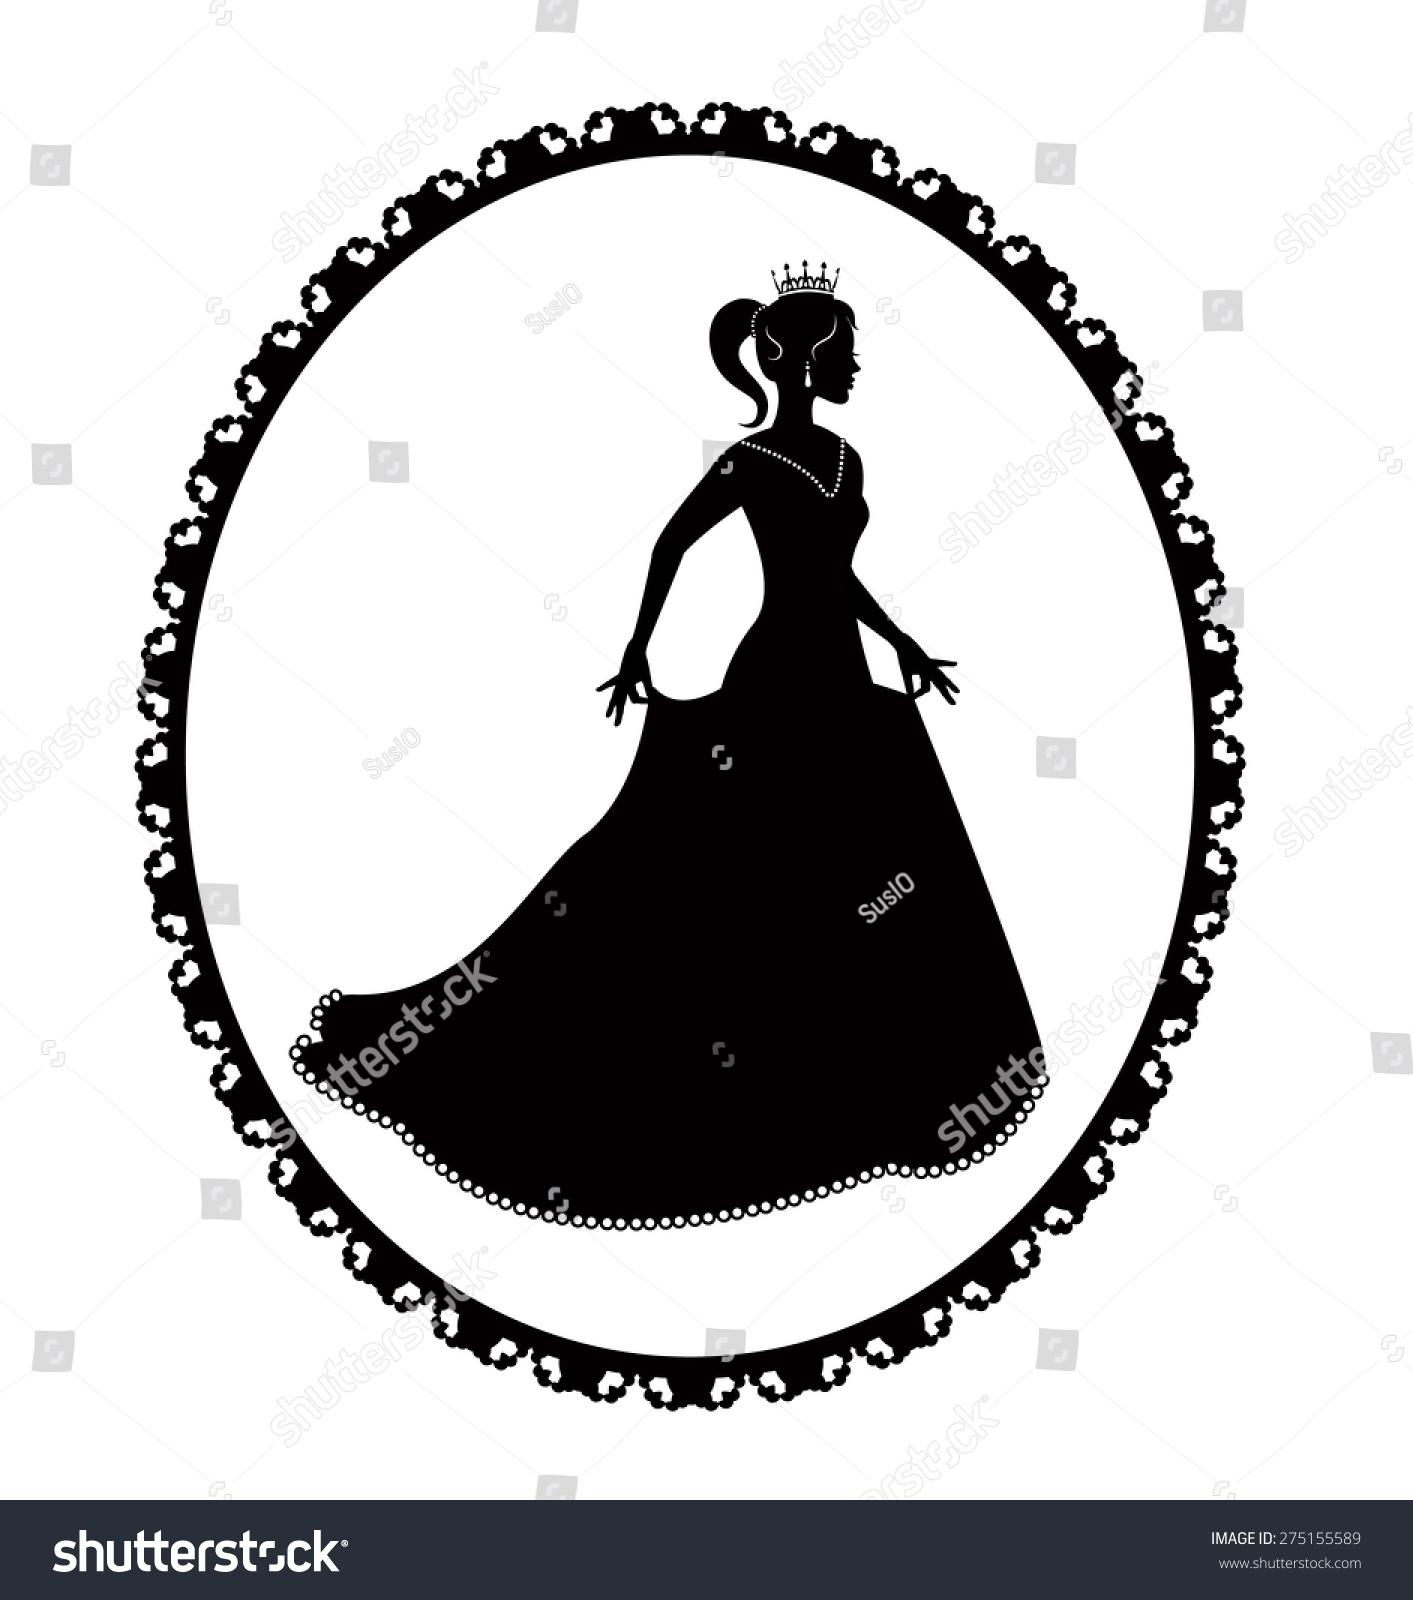 公主的黑色剪影一条长裙,复古的框架-人物,复古风格